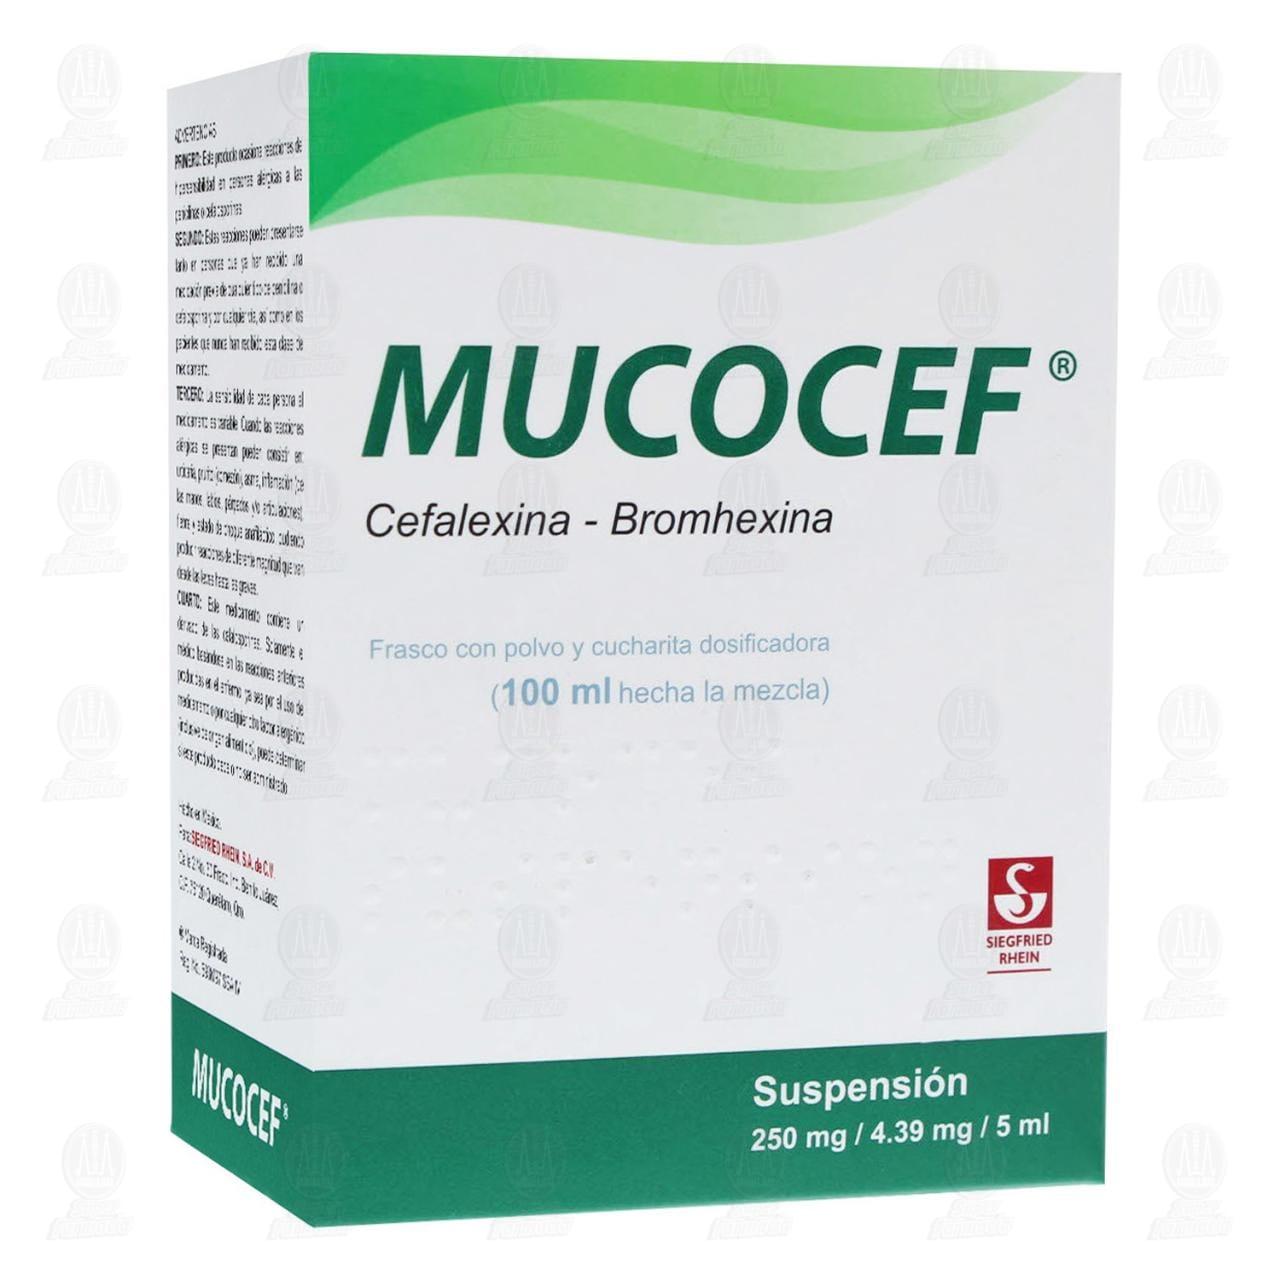 Comprar Mucocef 250mg/4.39mg/5ml 100ml Suspensión en Farmacias Guadalajara